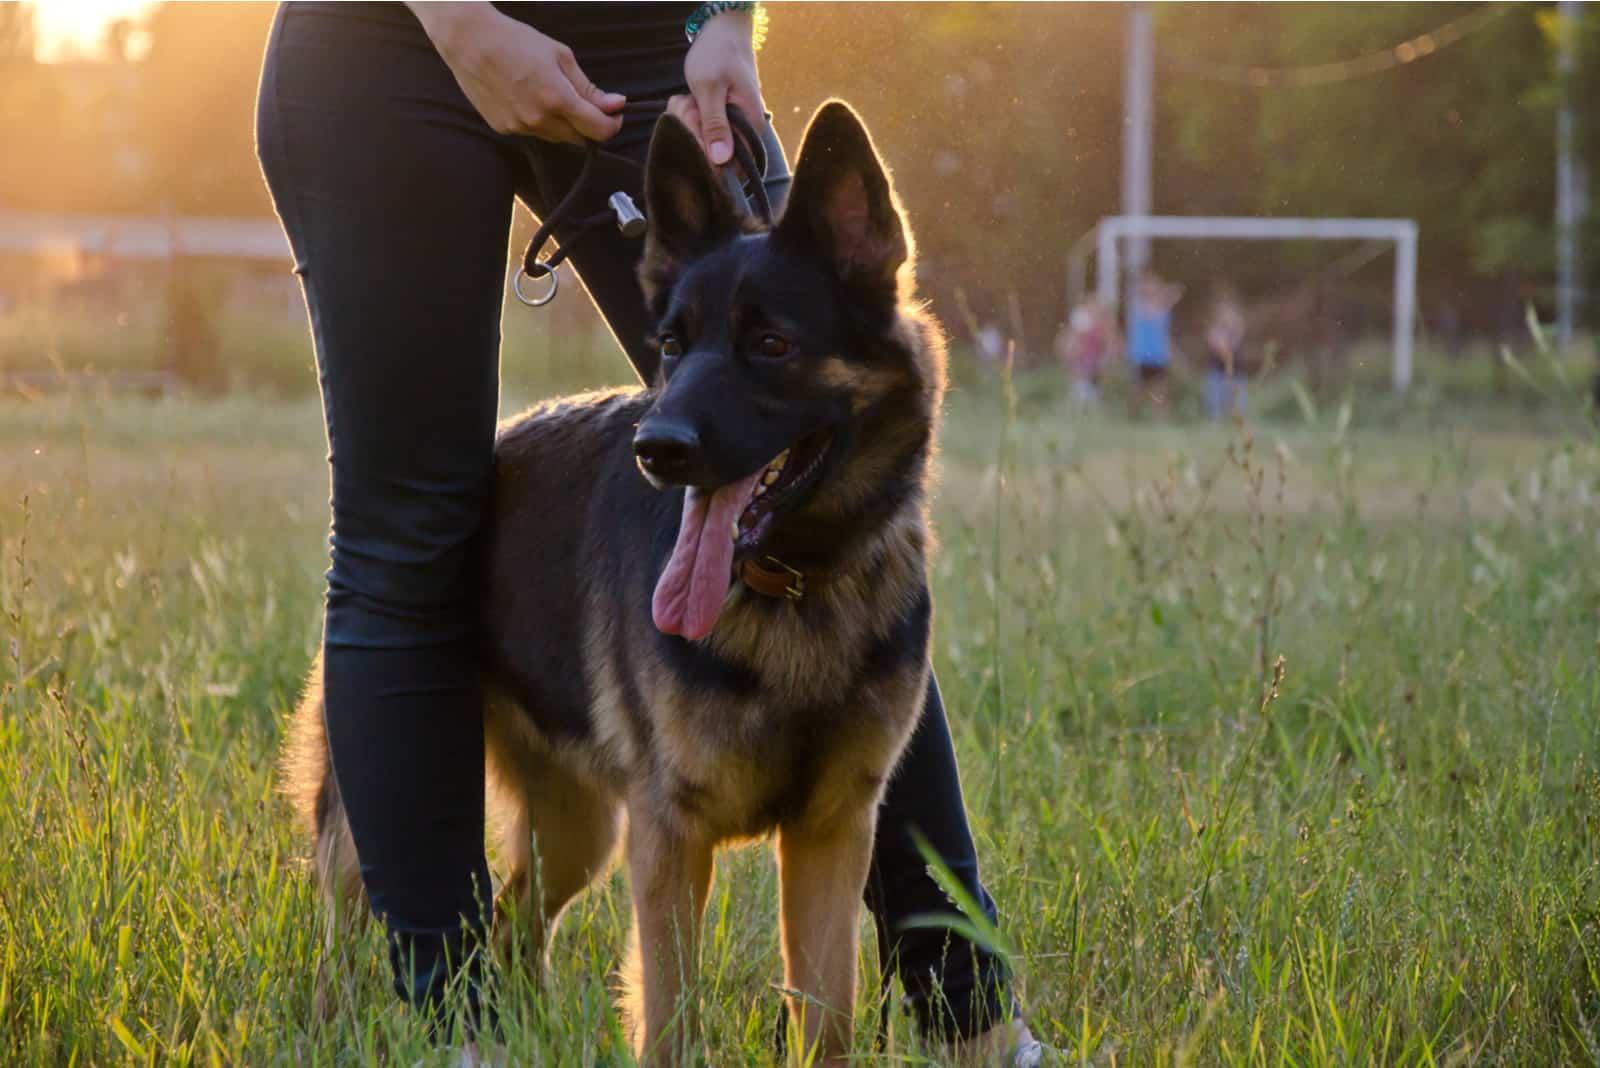 German Shepherd walking with owner